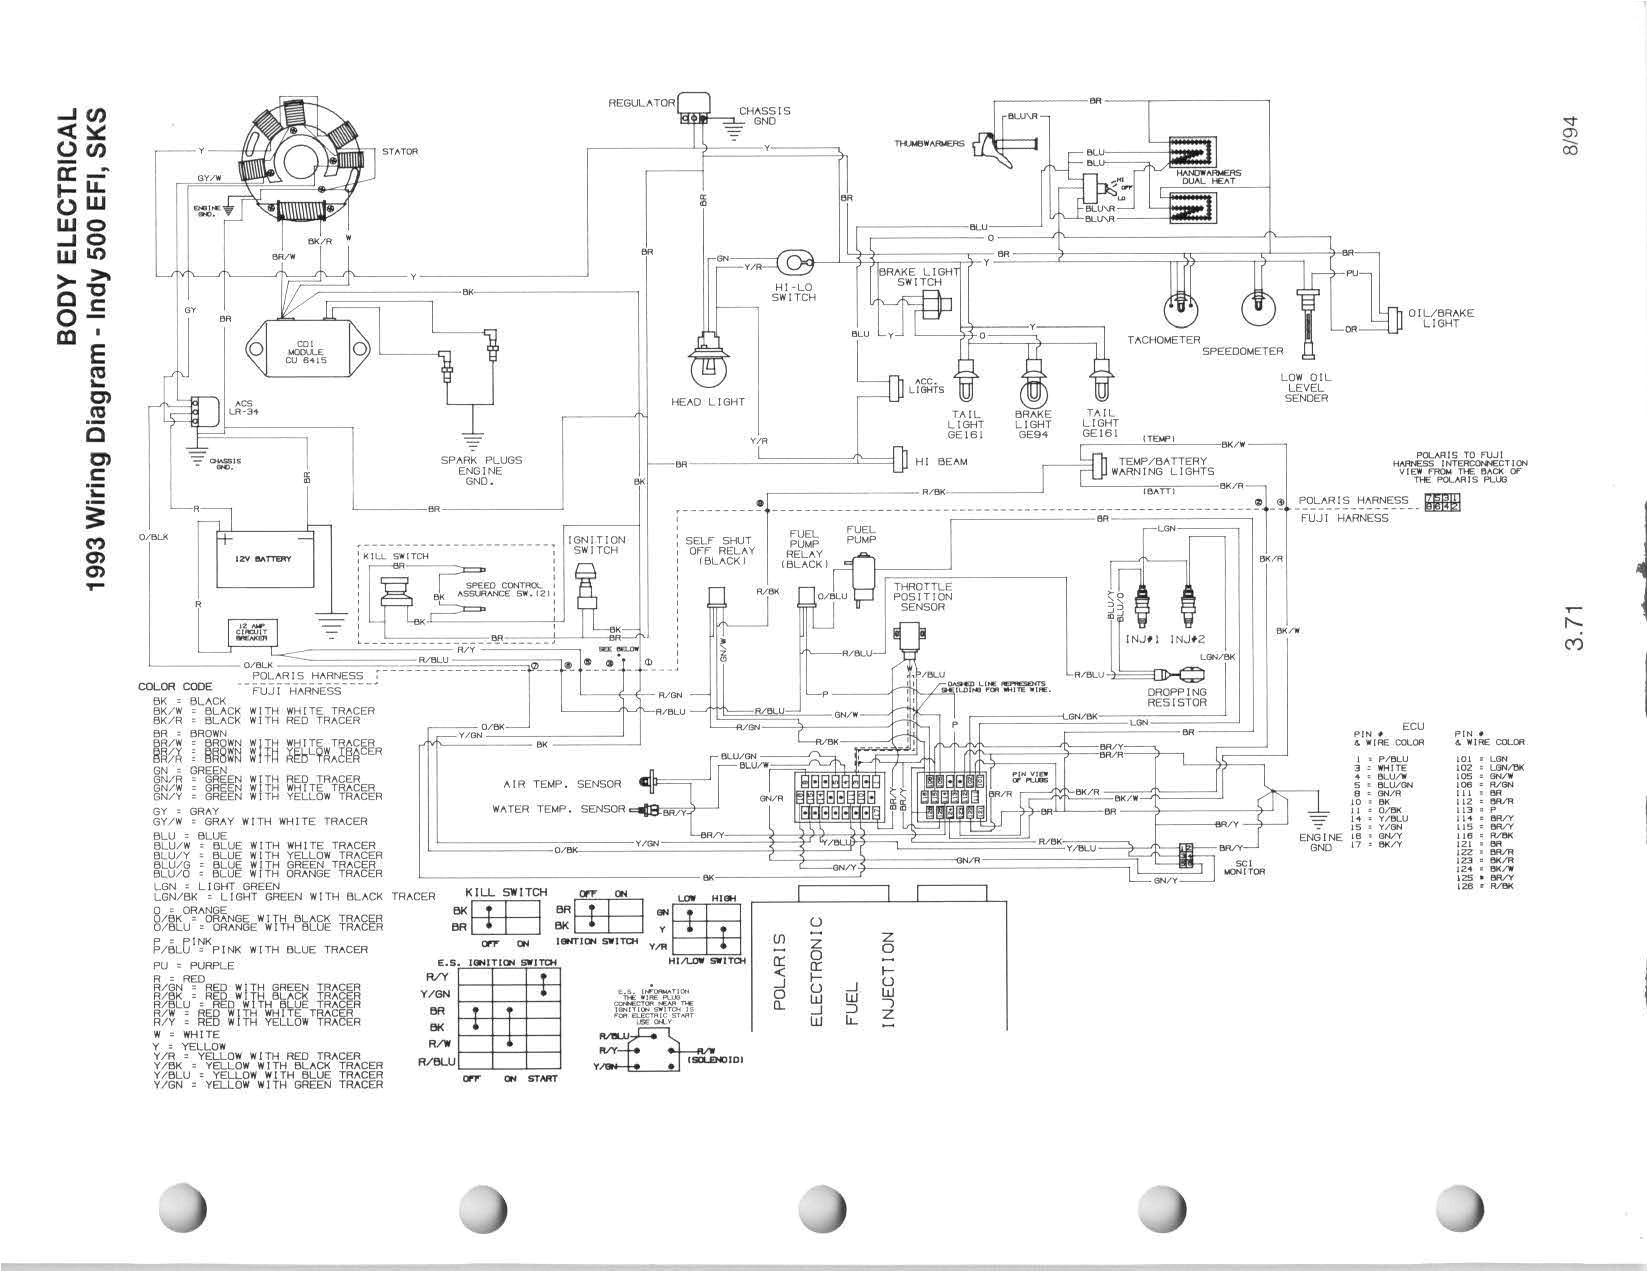 2008 polaris wiring diagram wiring diagram db polaris 550 wiring diagram polaris wiring diagram